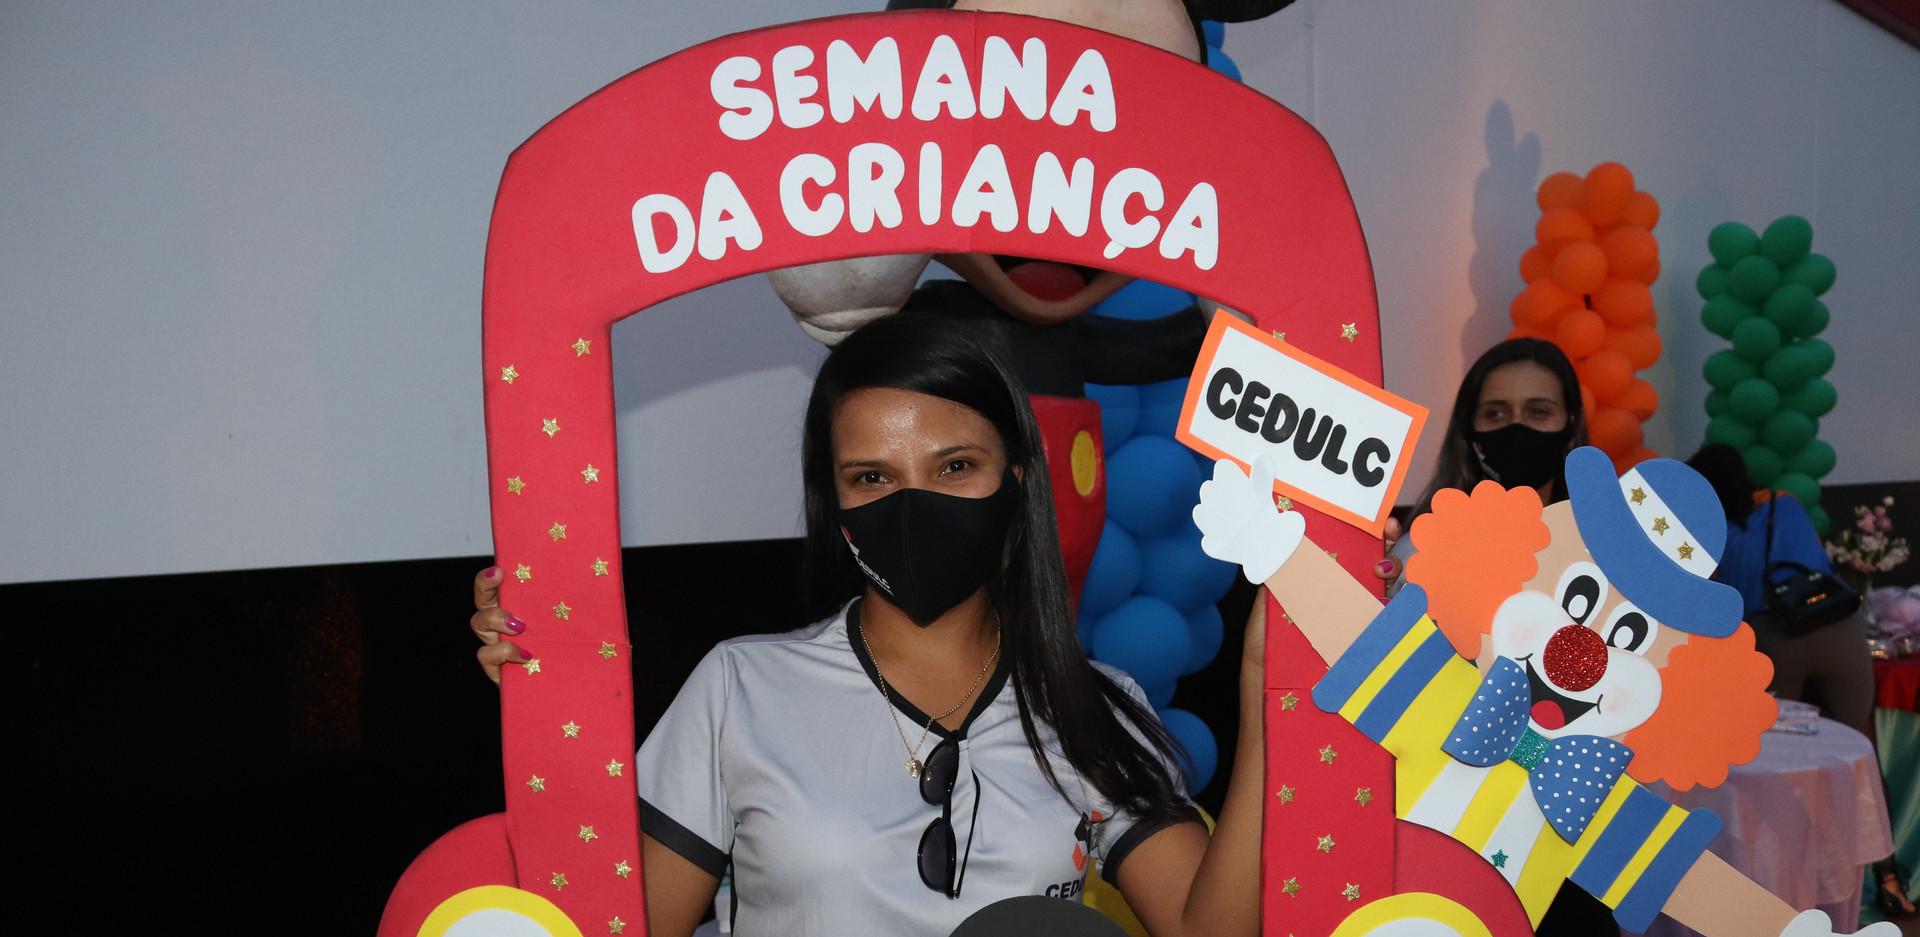 SEMANA DA CRIANCA NO CEDULC (148).JPG